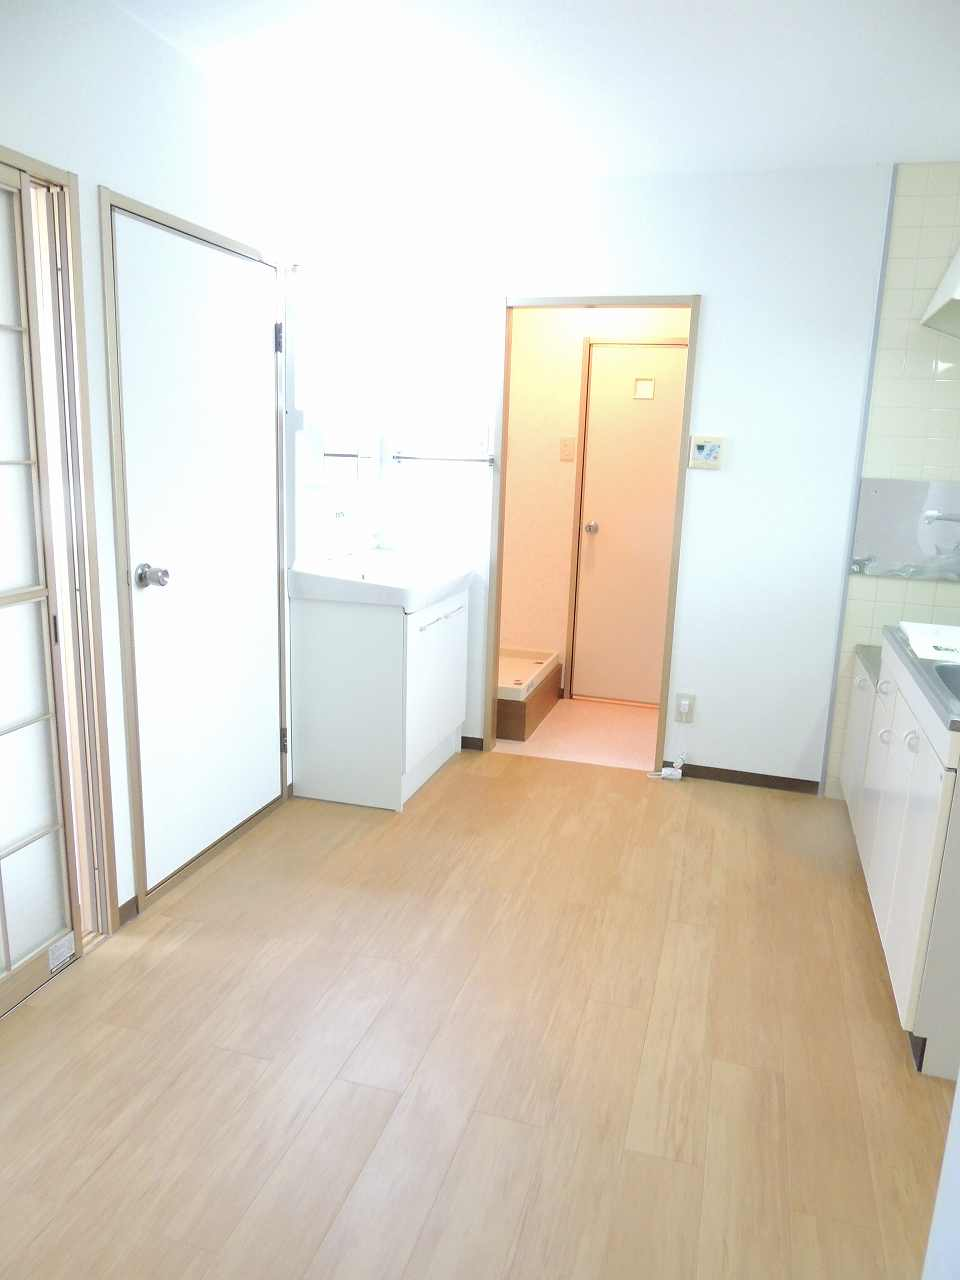 ミューズ松本Ⅴ 02010号室のリビング